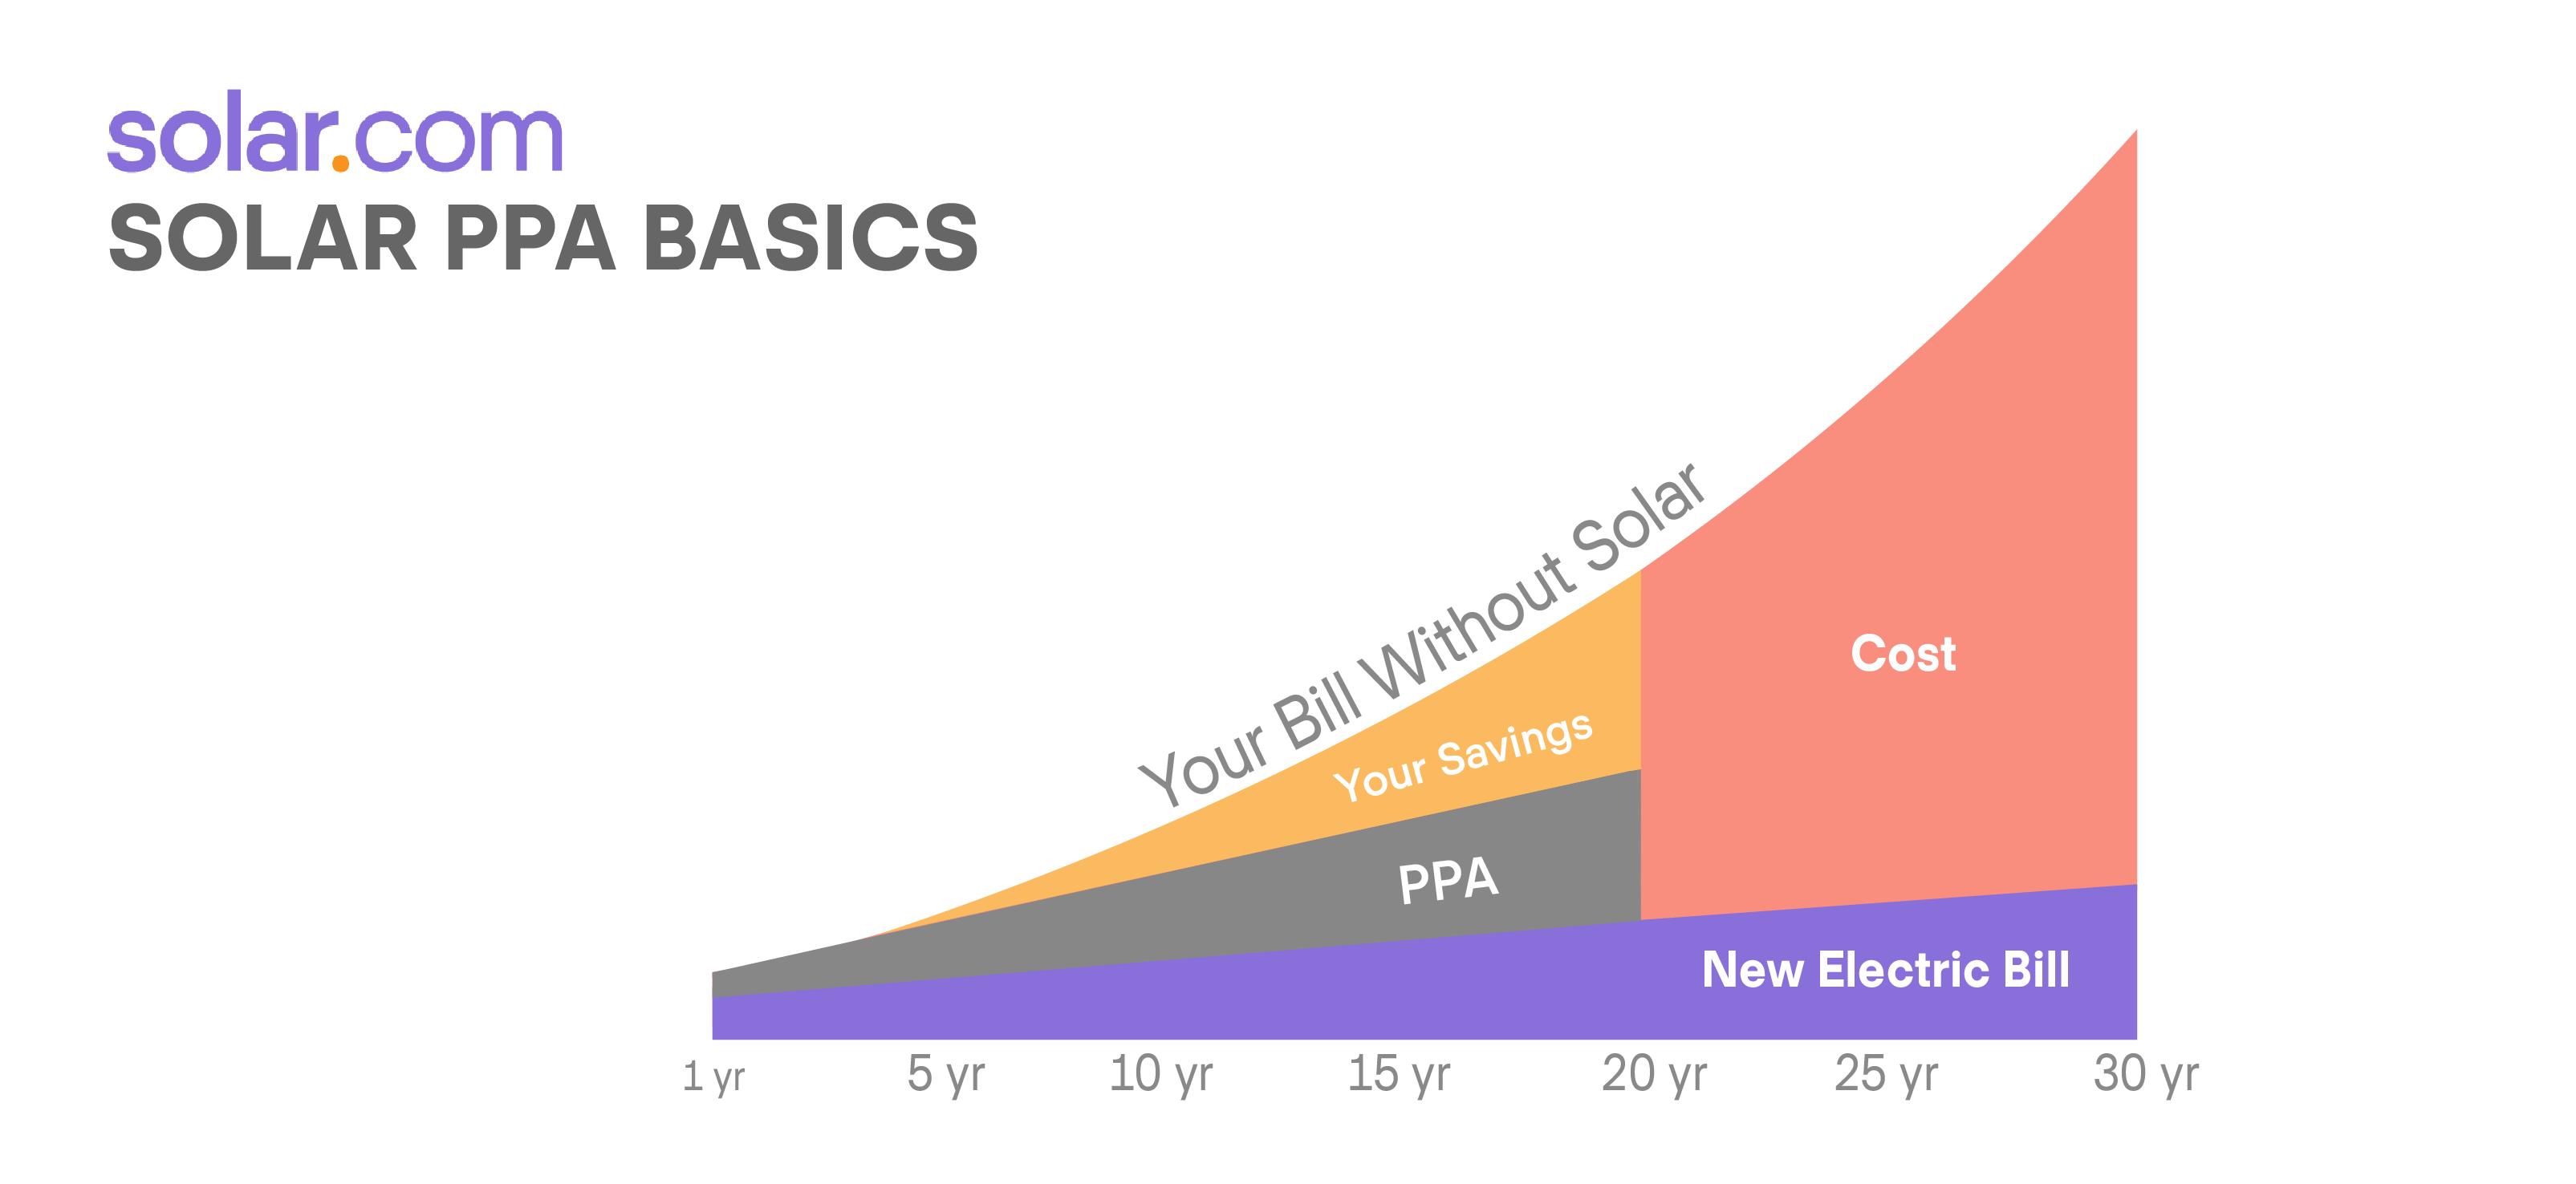 Solar PPA Basics